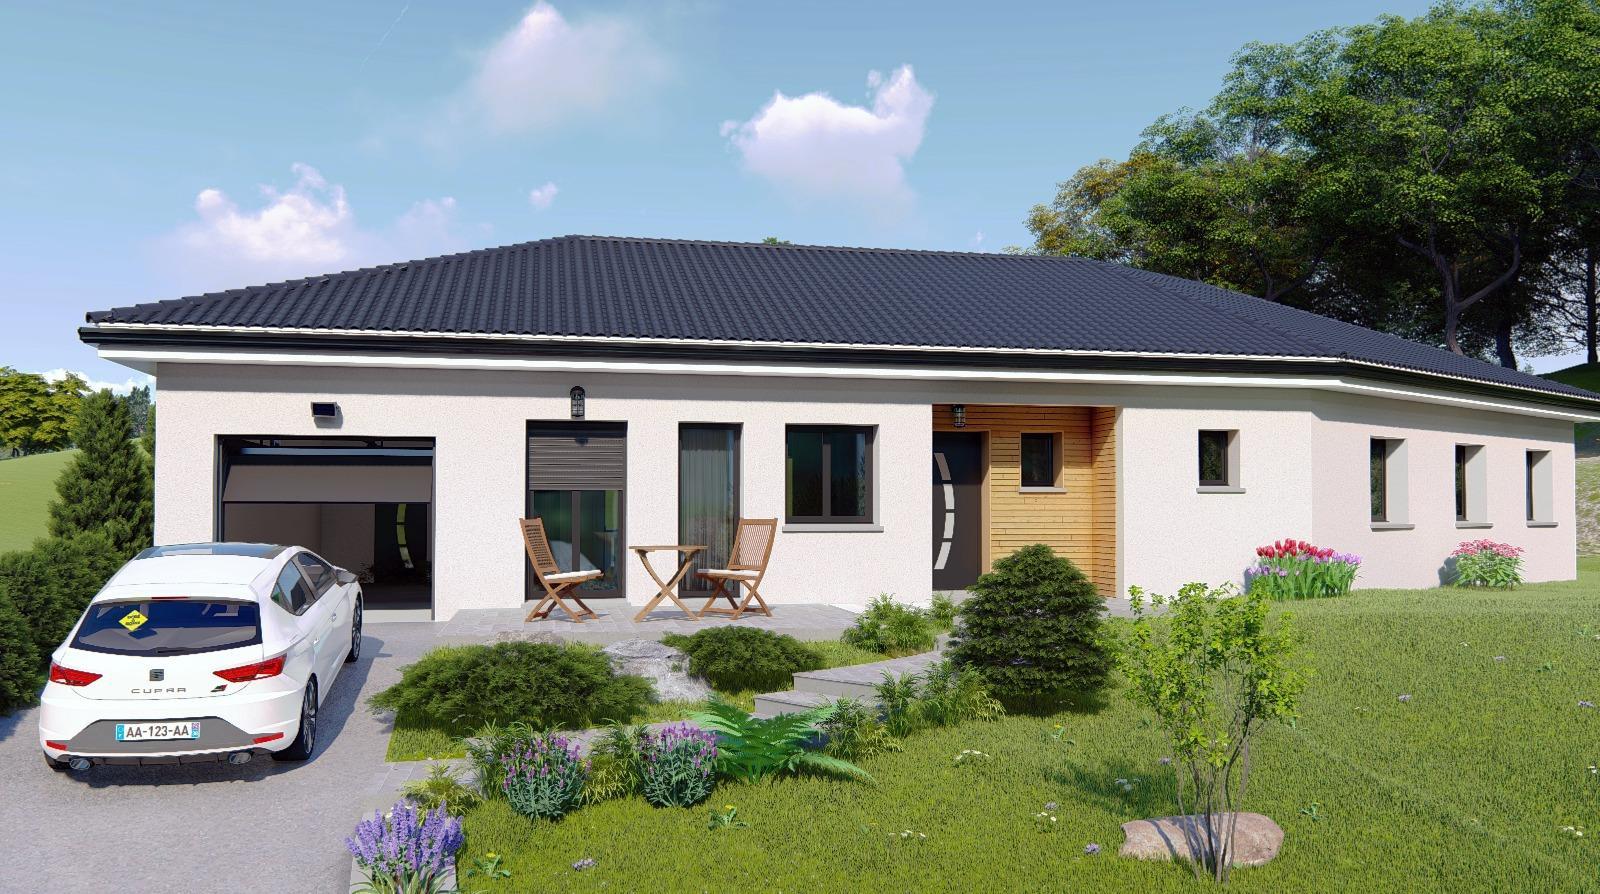 Vente maison yenne 73170 sur le partenaire for Simulation pret foncier